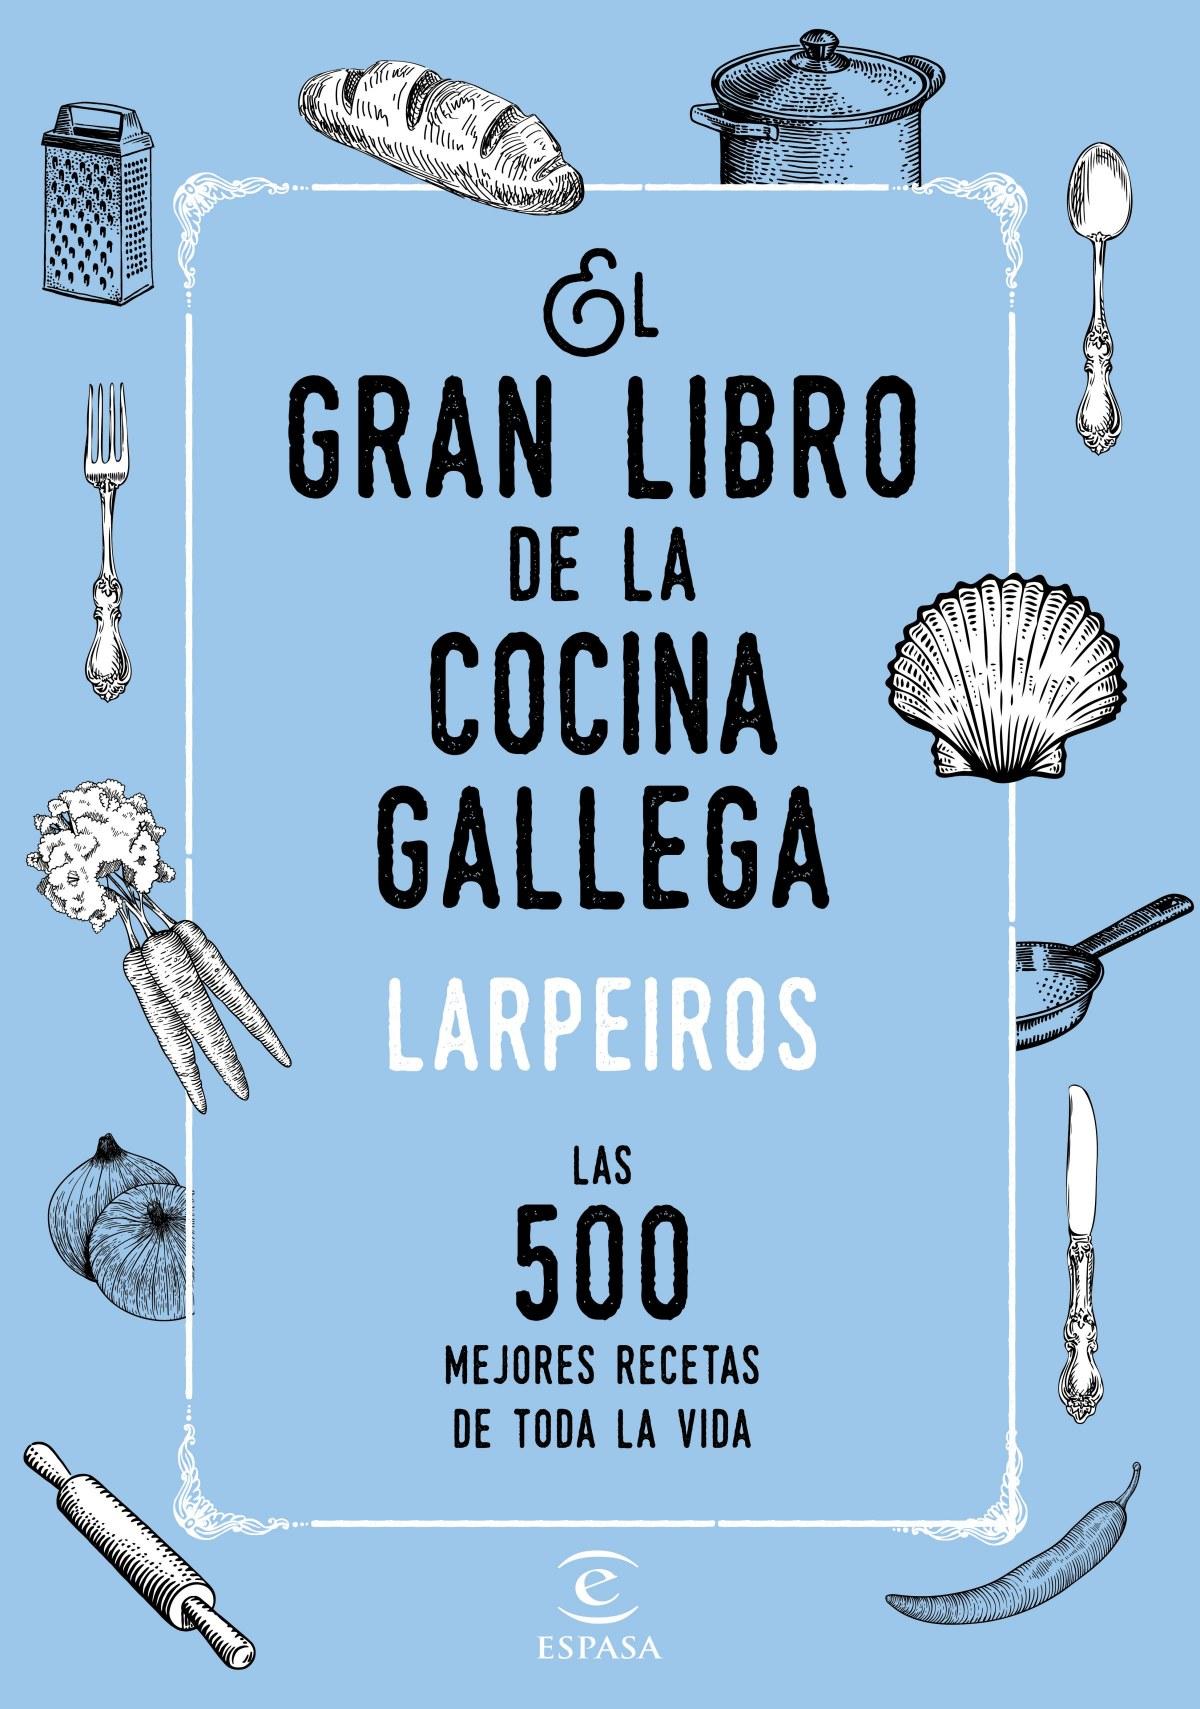 EL GRAN LIBRO DE LA COCINA GALLEGA 9788467048506